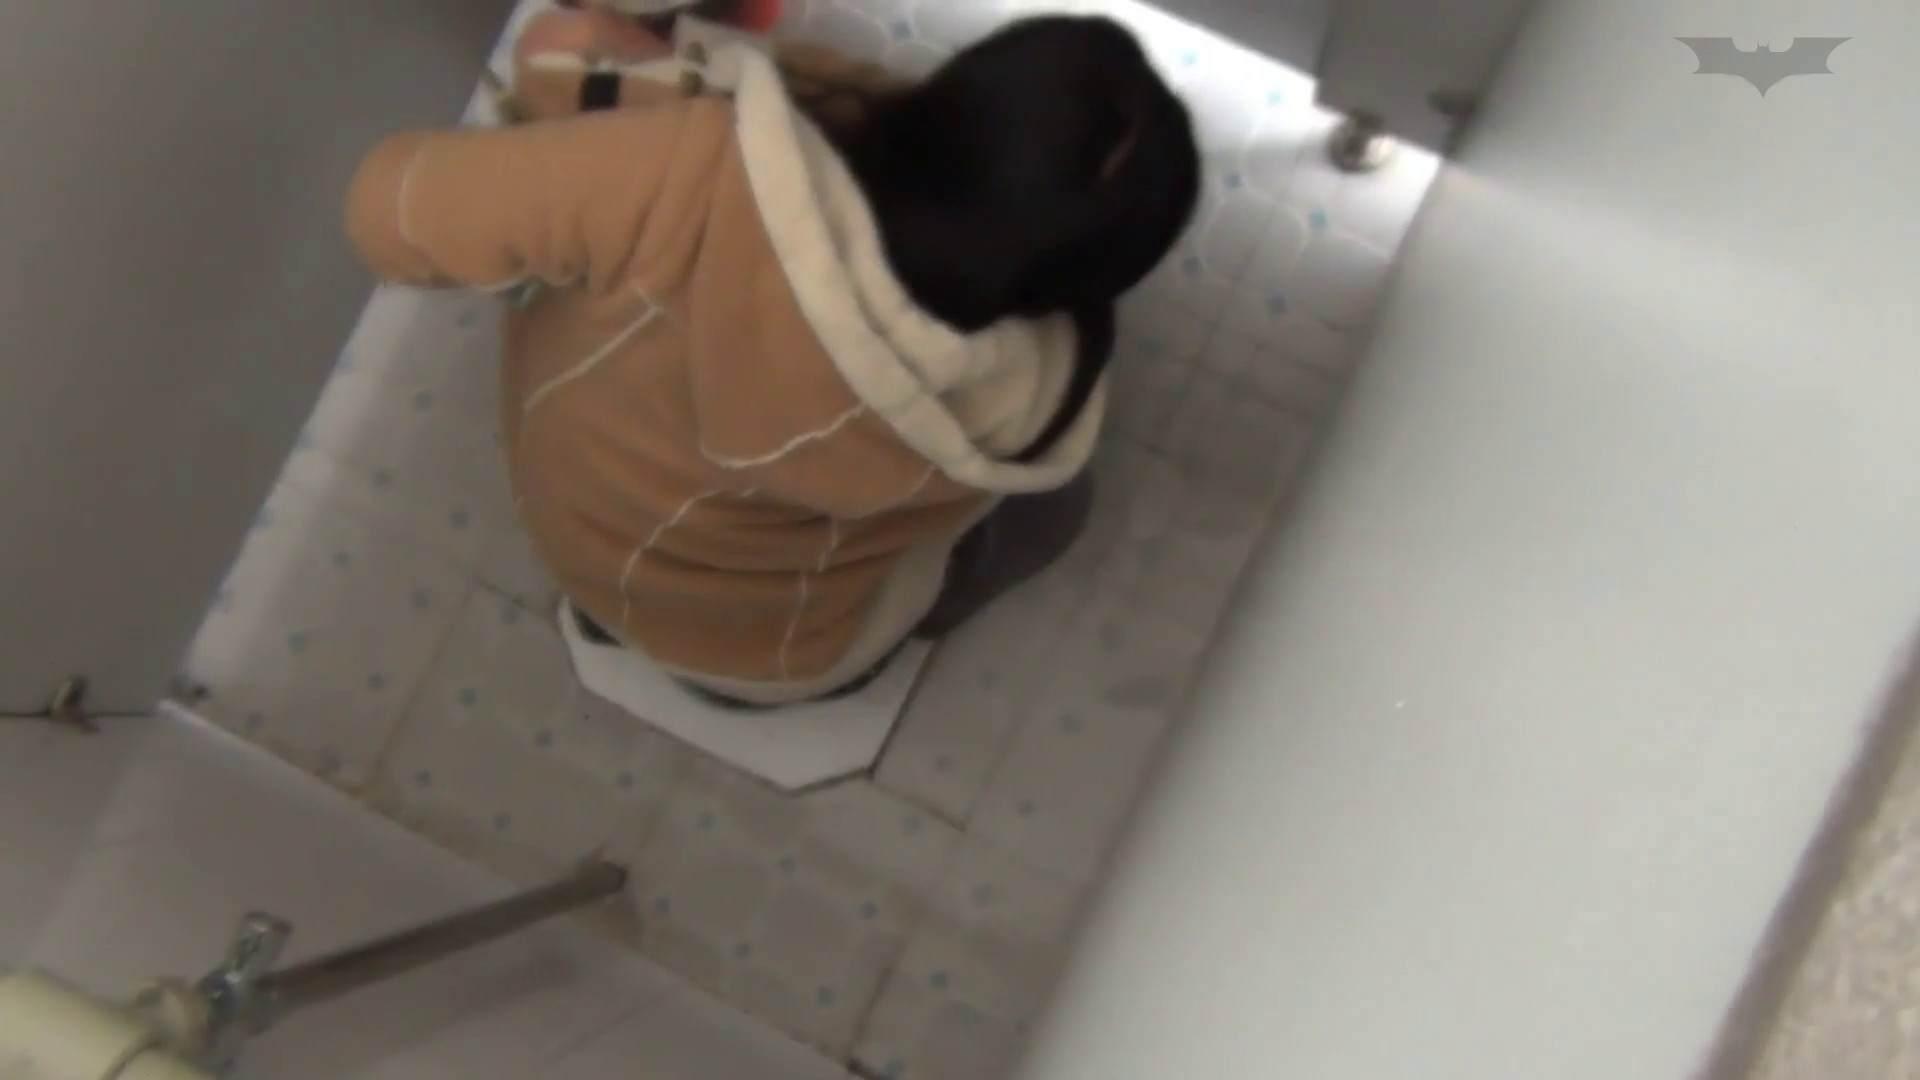 JD盗撮 美女の洗面所の秘密 Vol.55 美女のボディ スケベ動画紹介 82PIX 33